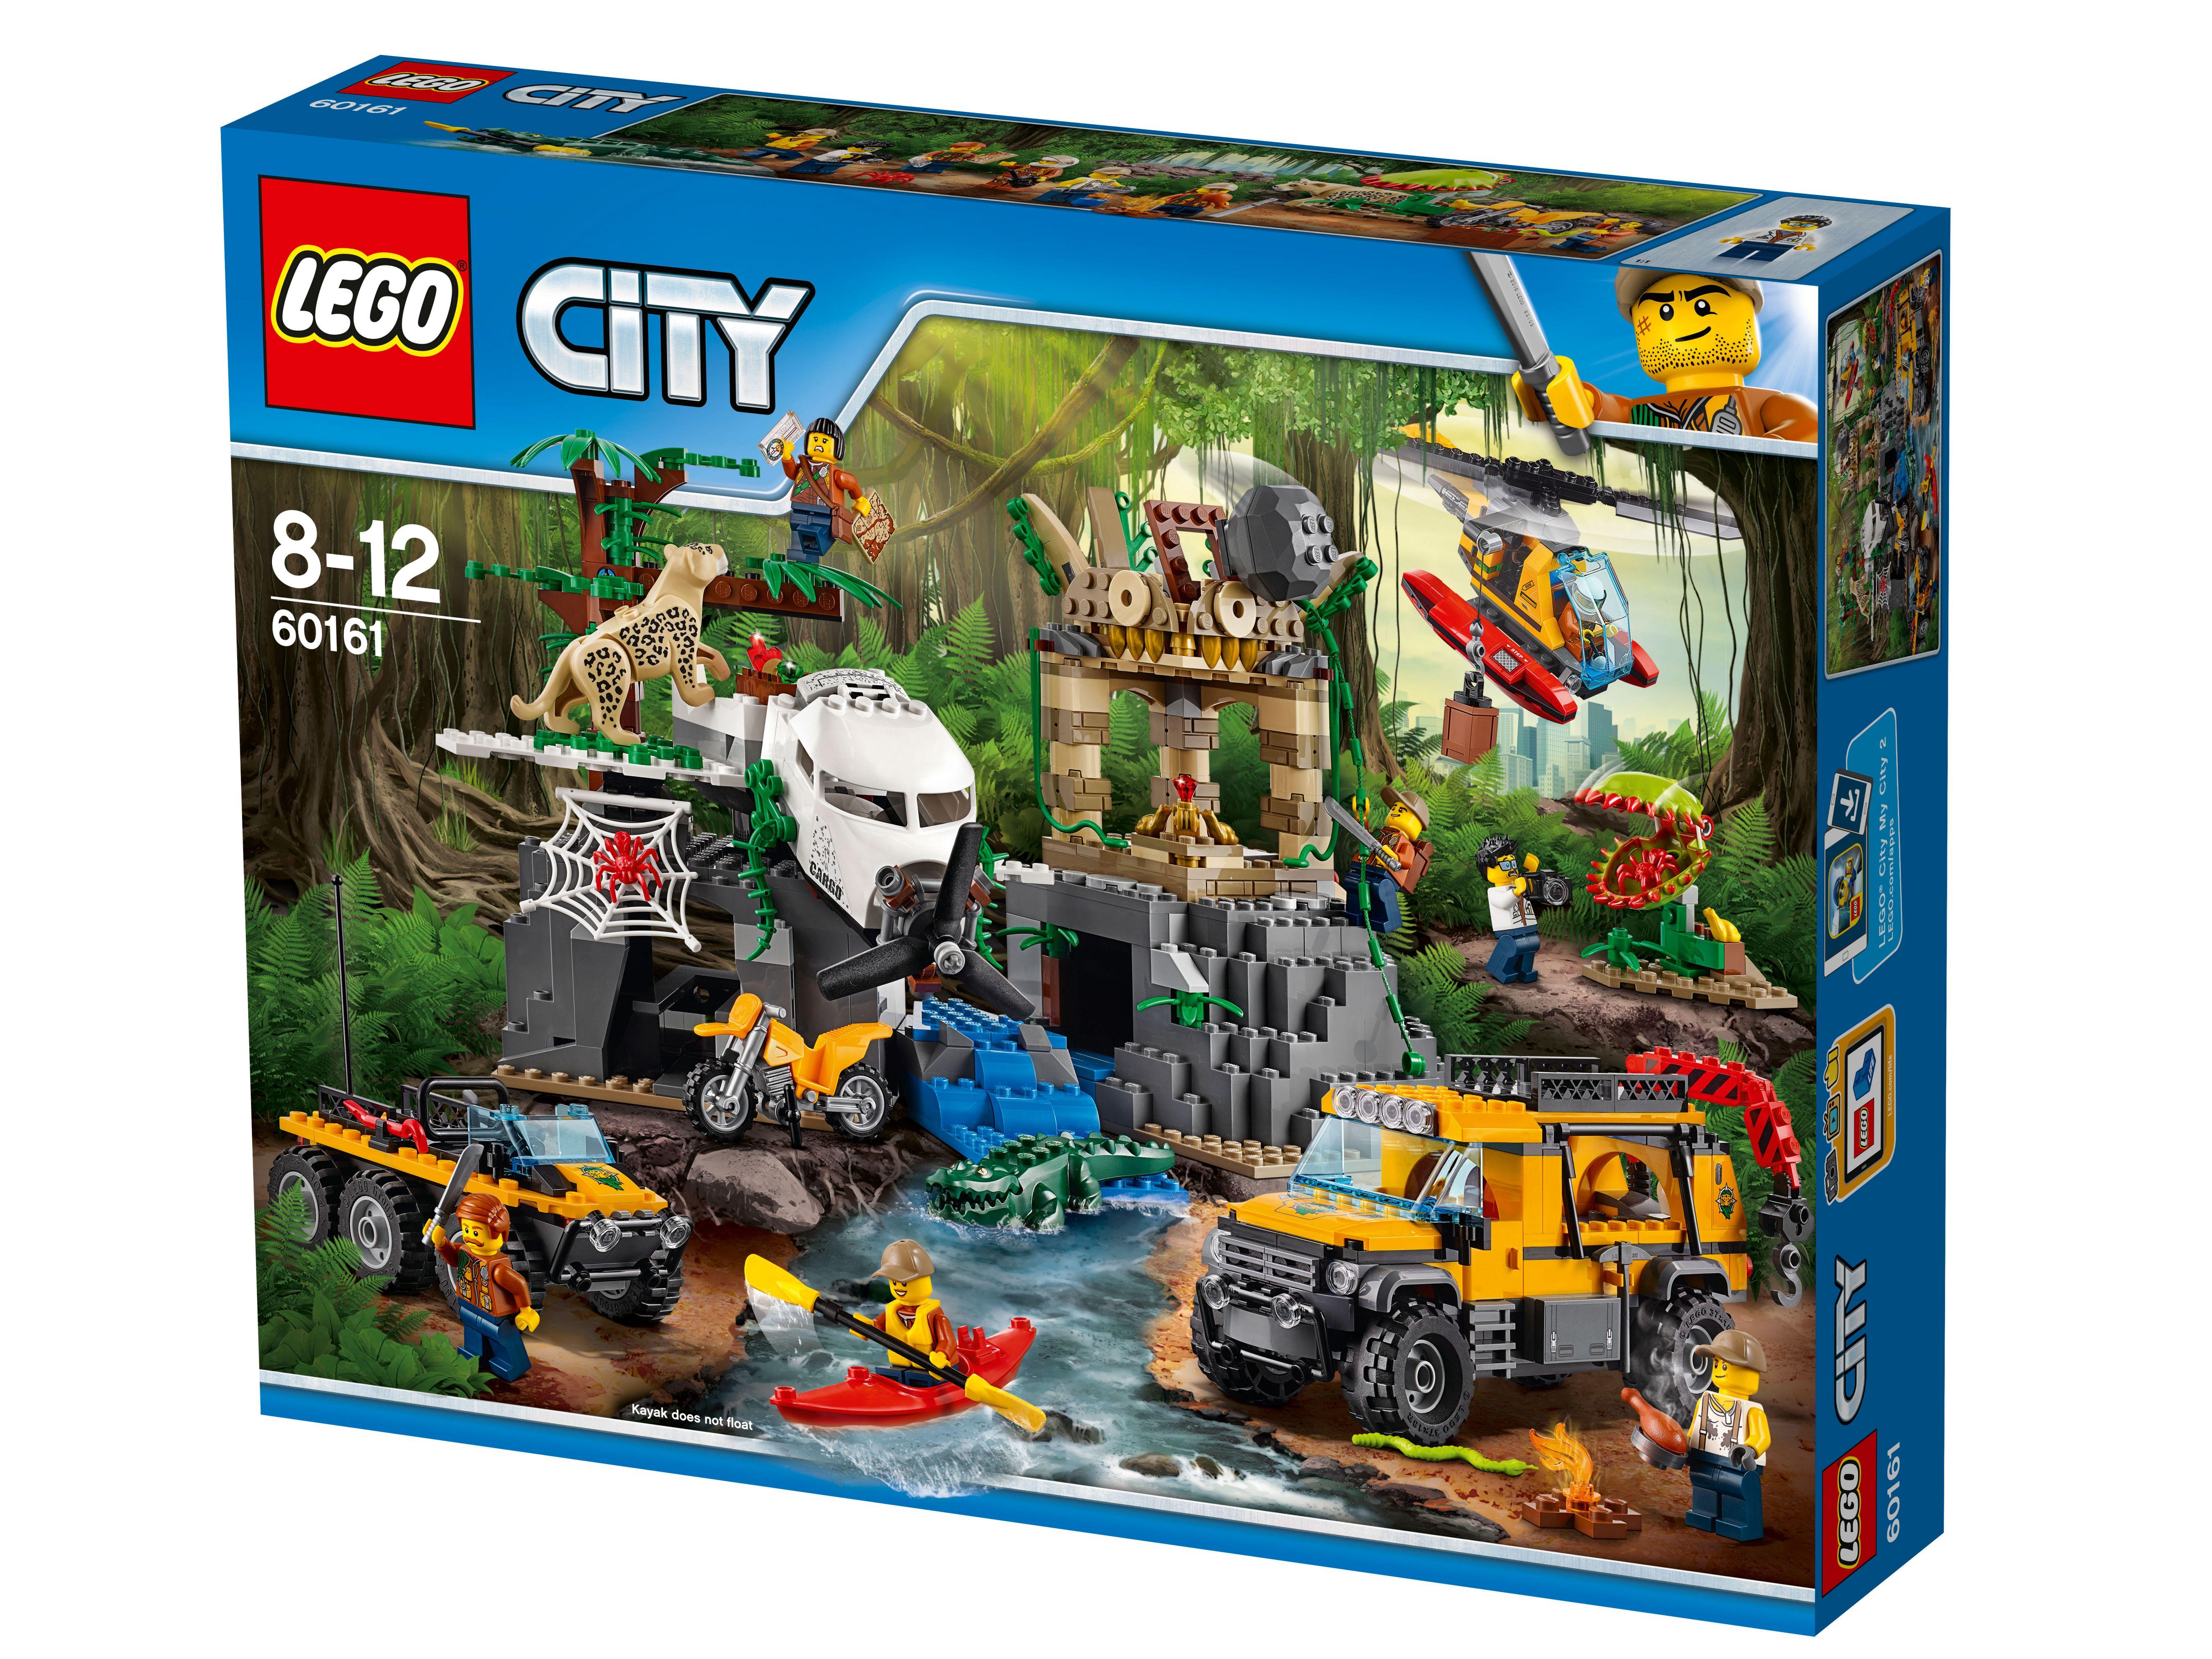 База исследователей джунглейНайди в джунглях LEGO® City пропавший самолёт! Проведи расследование таинственной катастрофы, разбей лагерь, а затем отправляйся на каяке исследовать храм, расположенный ниже по течению реки. Будь начеку: вокруг много диких животных и ловушек, скрытых в джунглях и древних руинах. Осторожно, не трогай лианы: в джунглях LEGO City ловушки поджидают тебя на каждом шагу!<br>